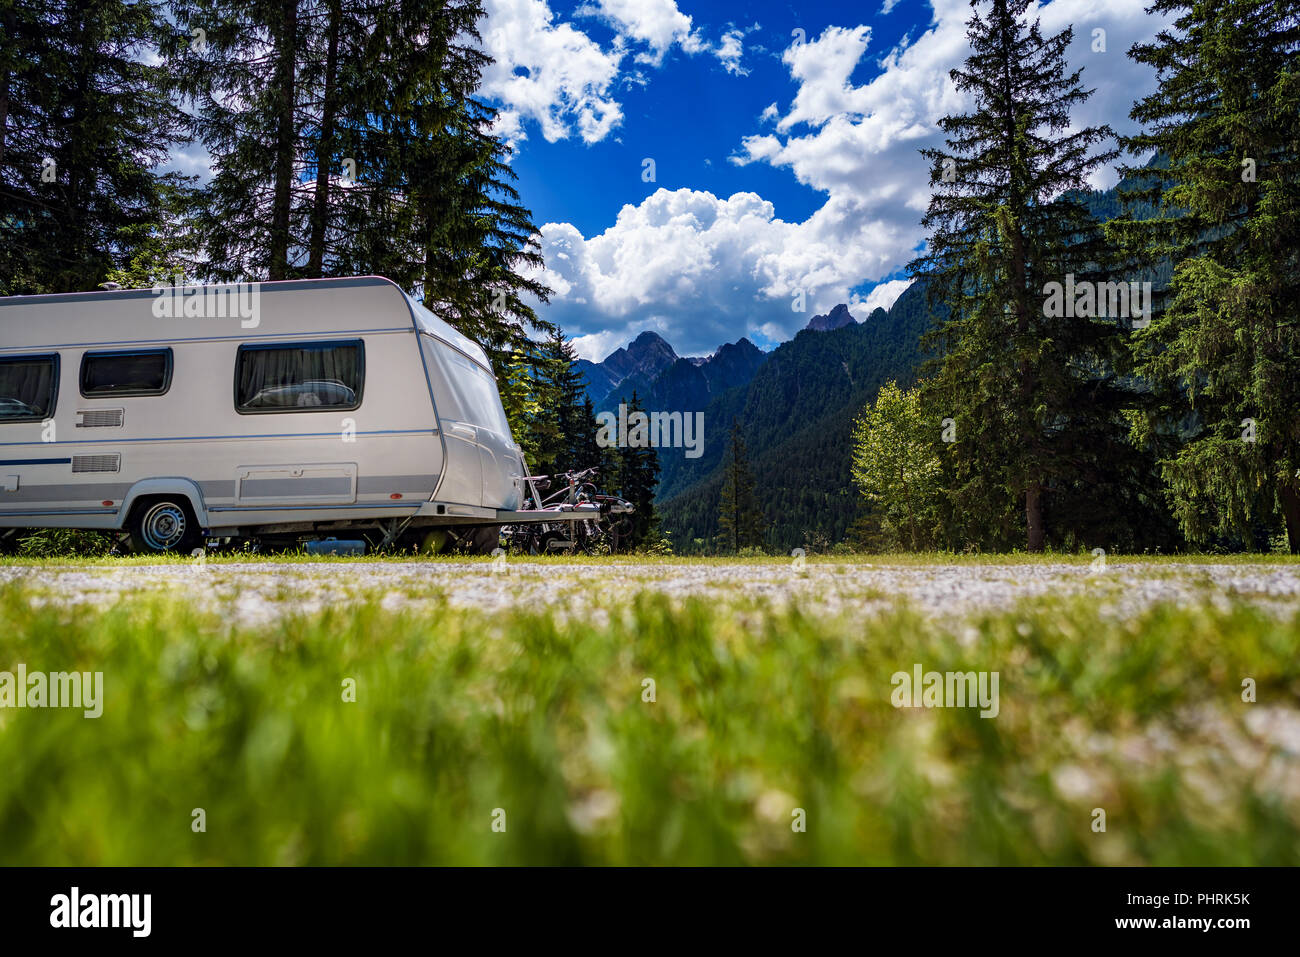 Vacances famille vacances, voyages voyage en camping-car, caravane RV Location vacances. Belle Nature Italie paysage naturel des Alpes. Photo Stock